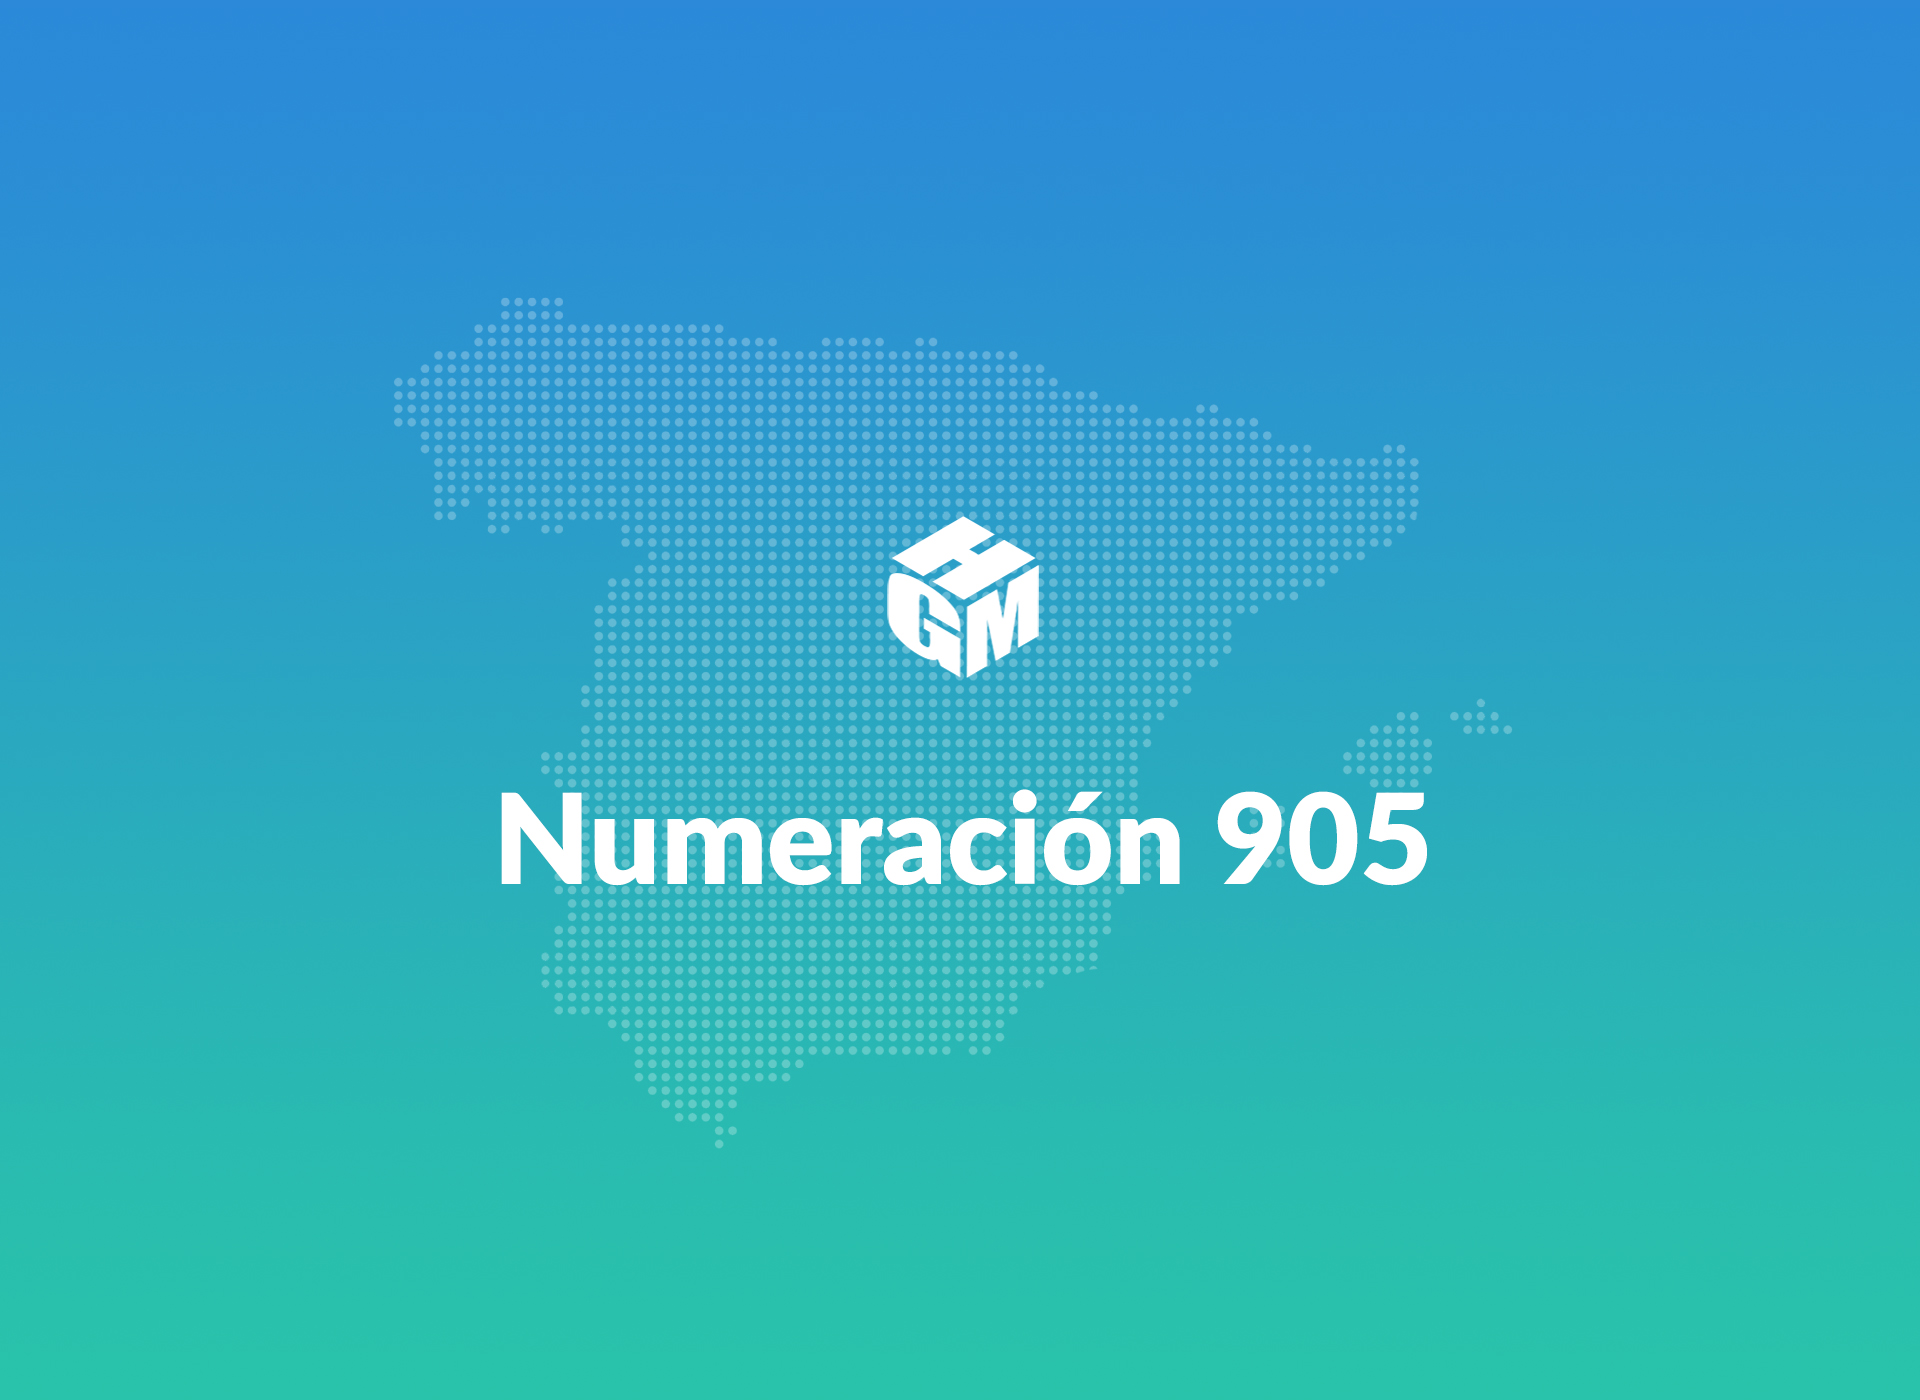 Numeración 905